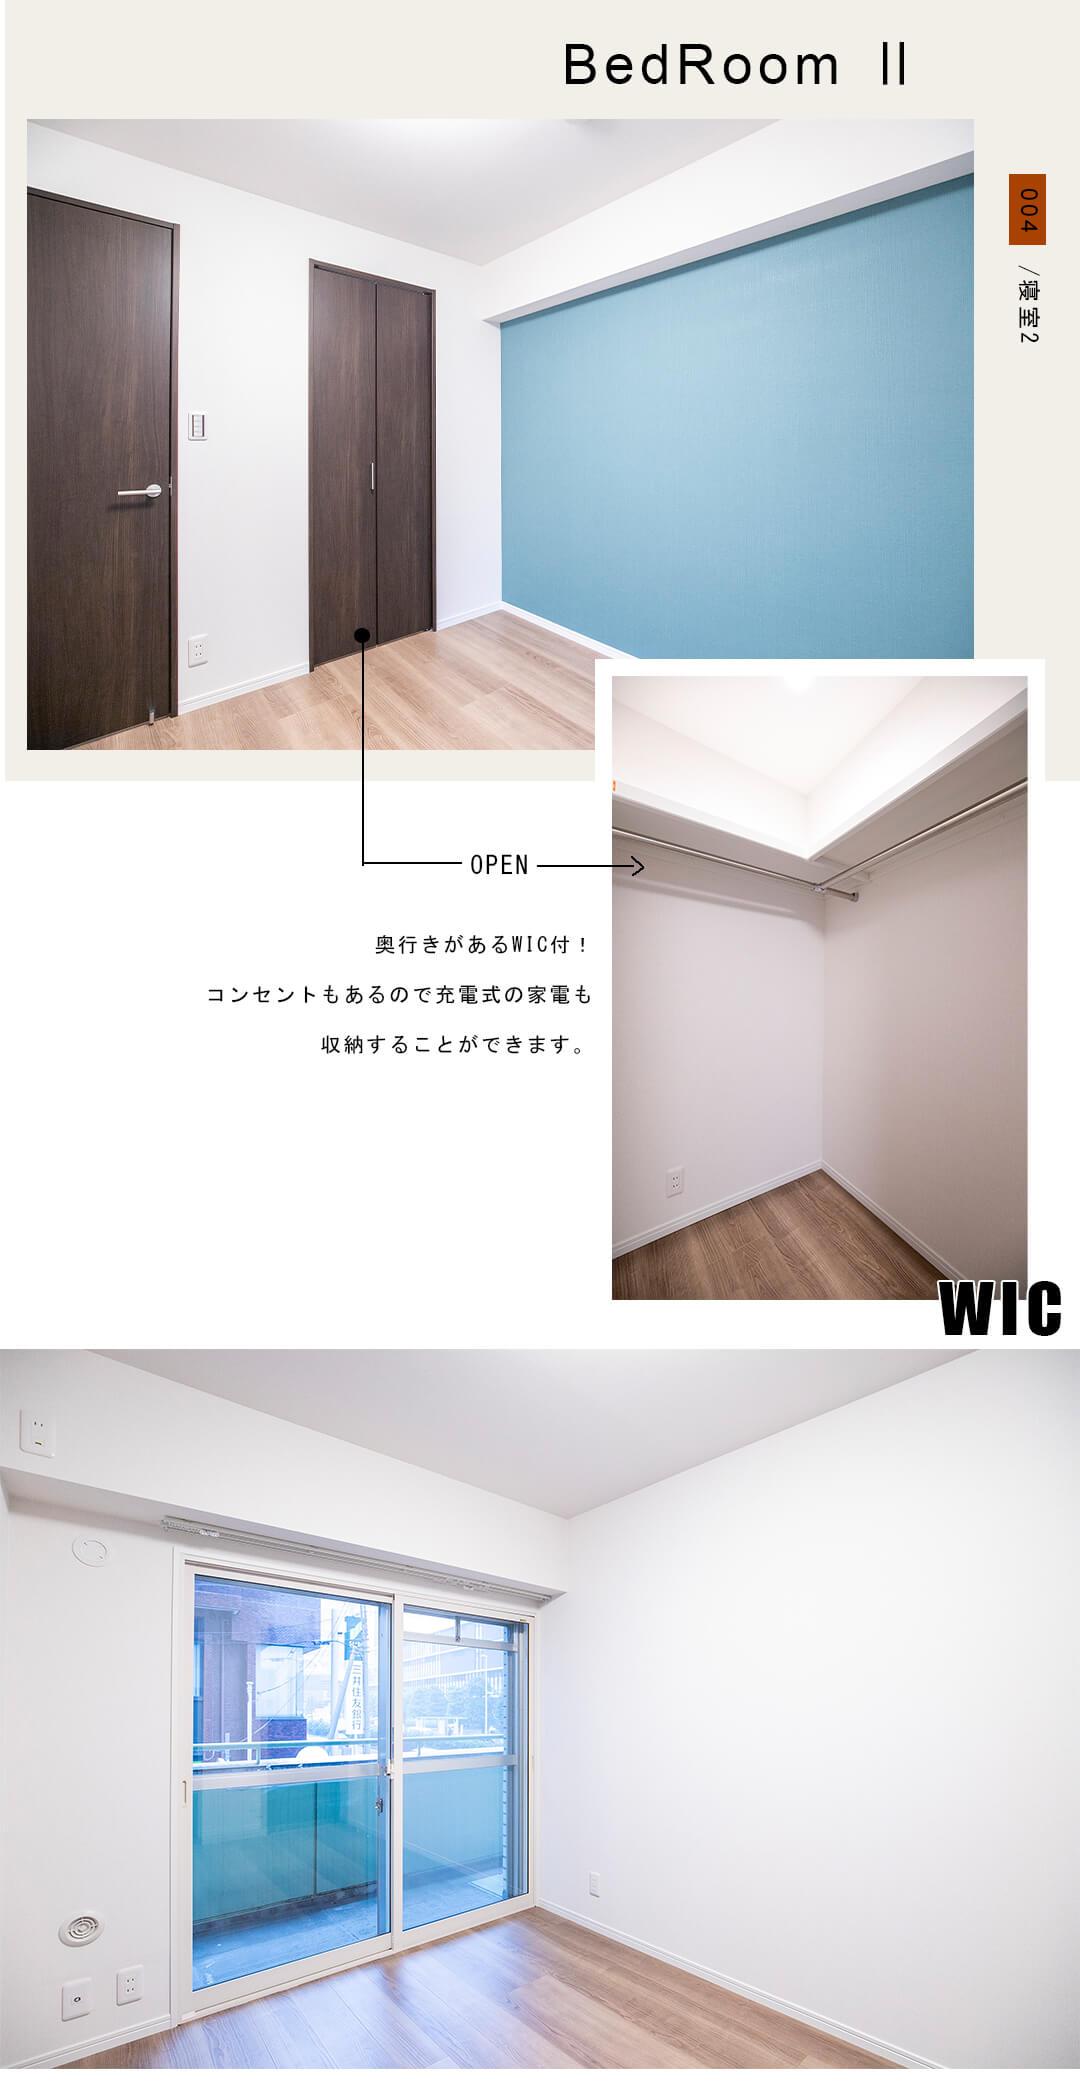 004寝室2,bedroom Ⅱ